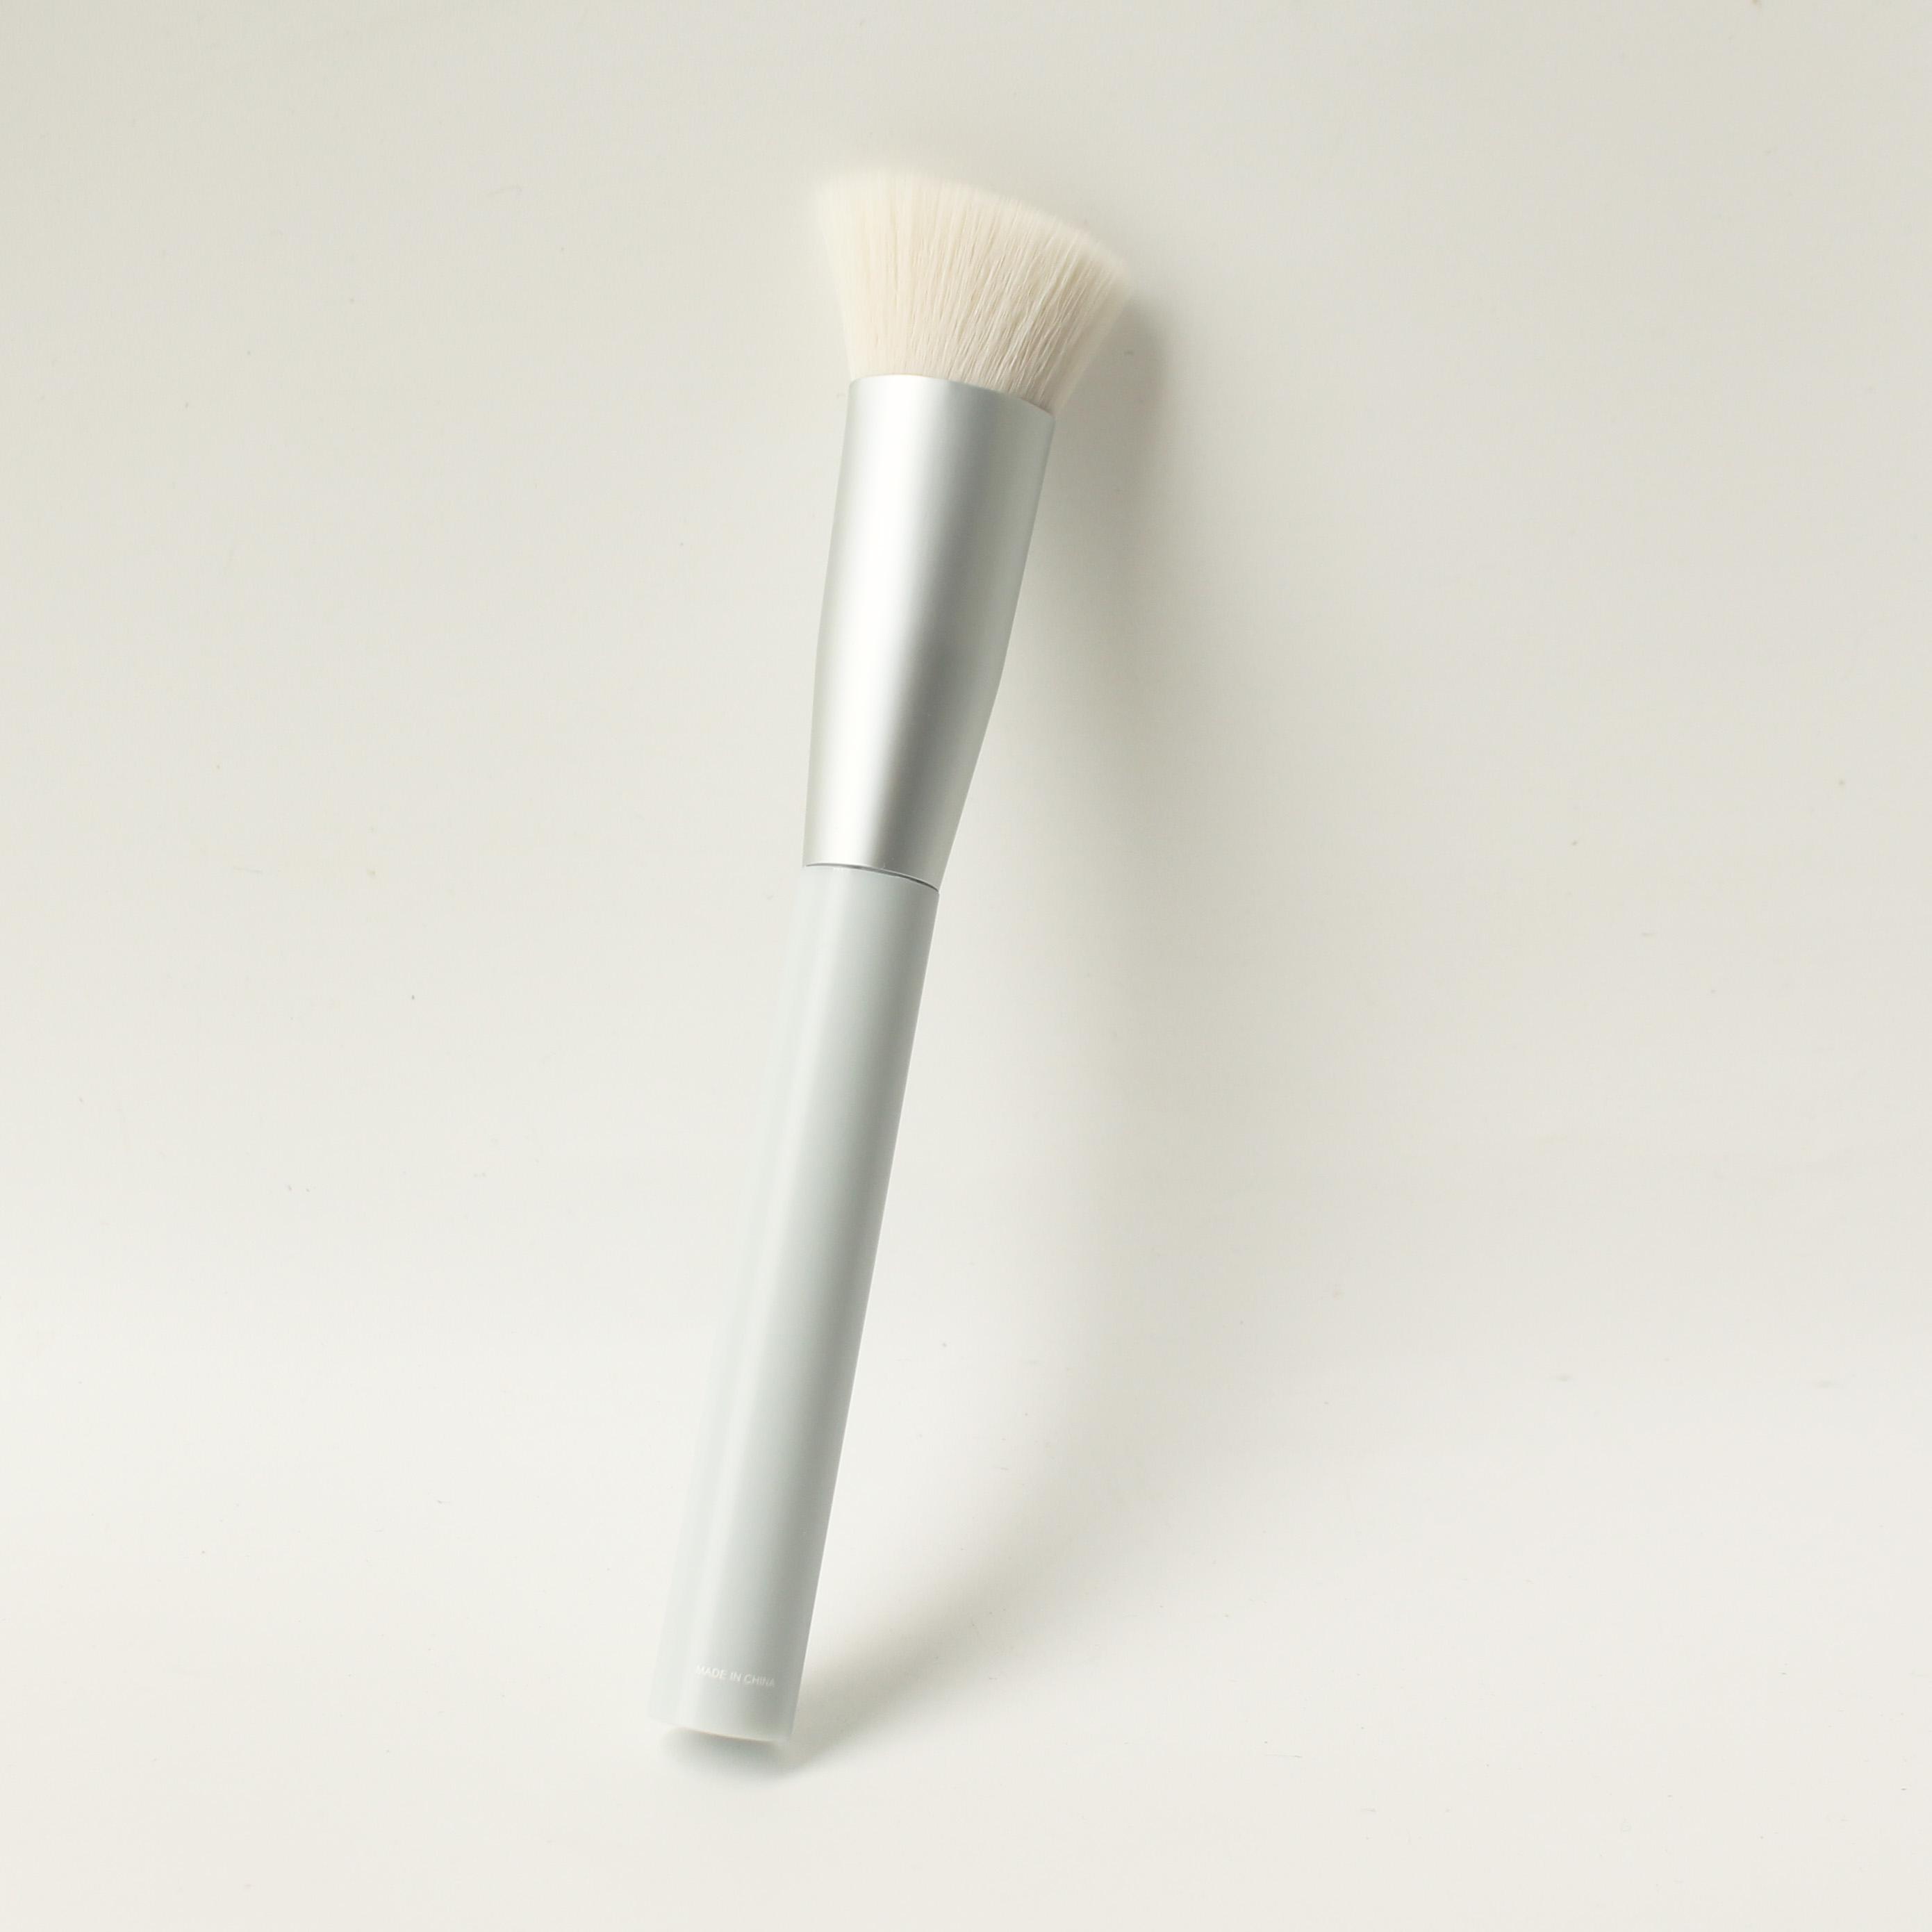 Cọ tạo khối Nhật Bản đầu vát phẳng Miniso Macaroon Series-Contour Brush chính hãng chuyên nghiệp ( màu xanh cẩm thạch ) - MNS089